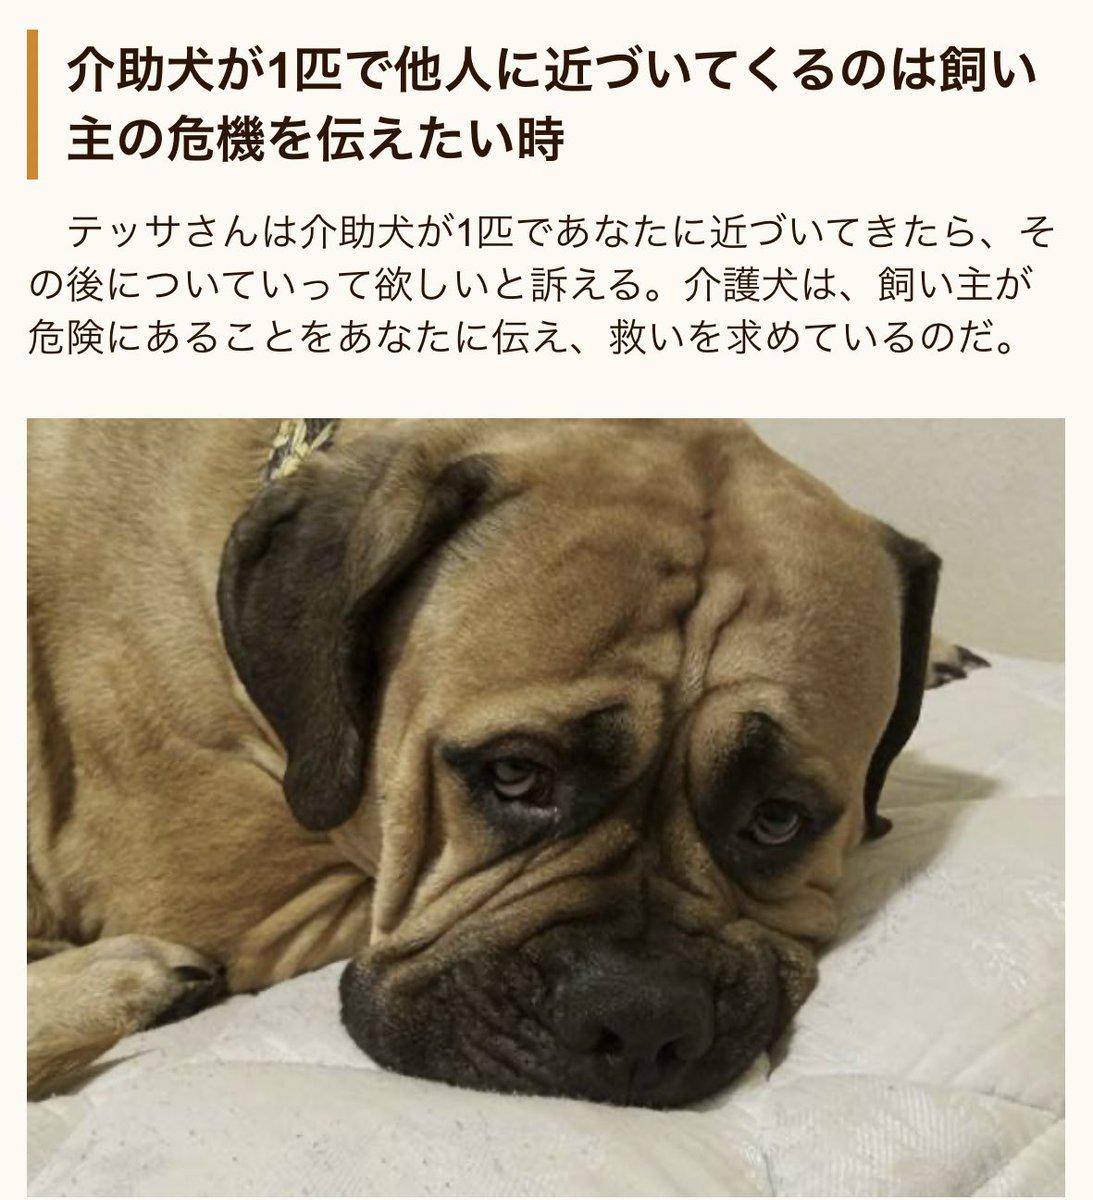 【拡散希望】介助犬が1匹で近づいてきた時は飼い主の危機を伝えたい時です決して追い払わず怖がらないで下さい。